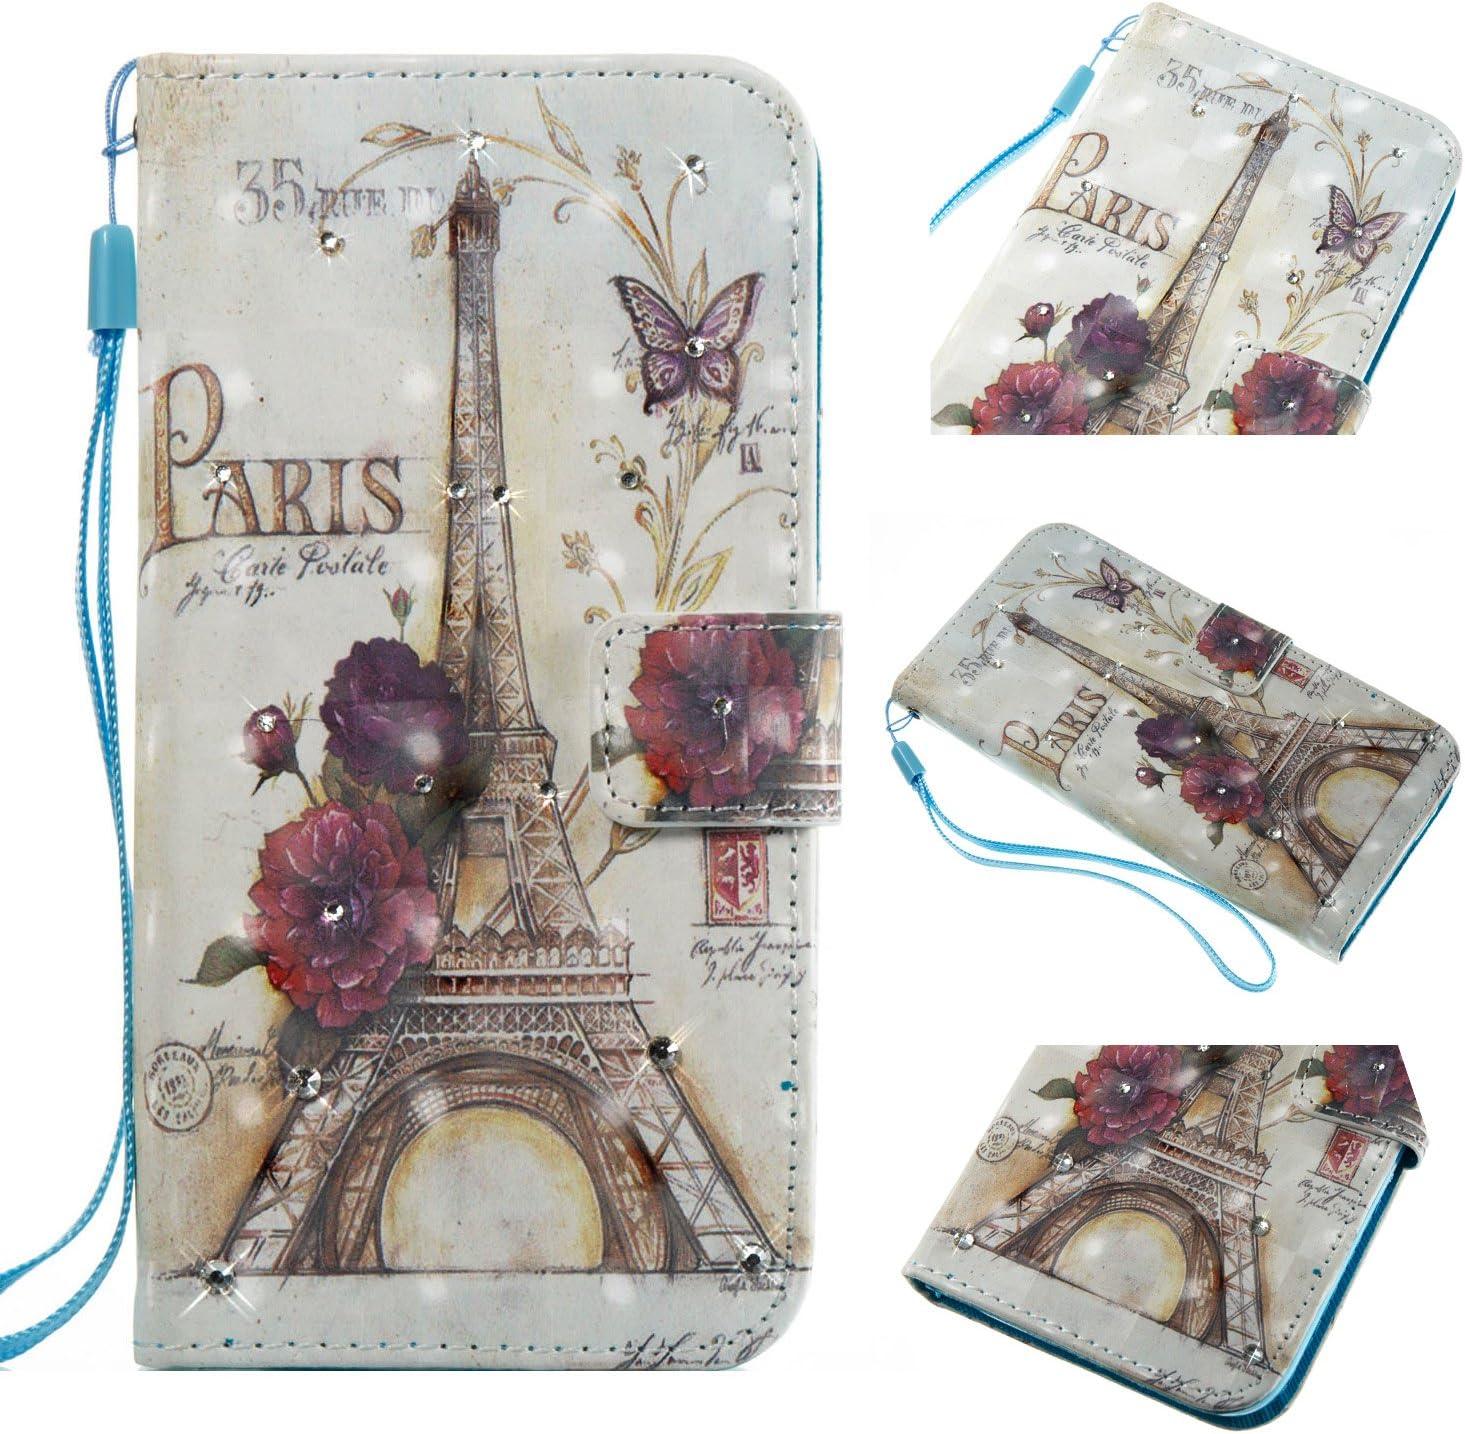 iPhone 8 Plus Diamond Case, Eiffel Tower Paris Style 3D Painted Crystal Folio Strap Wallet Case for Apple iPhone 8 Plus/iPhone 7 Plus 5.5